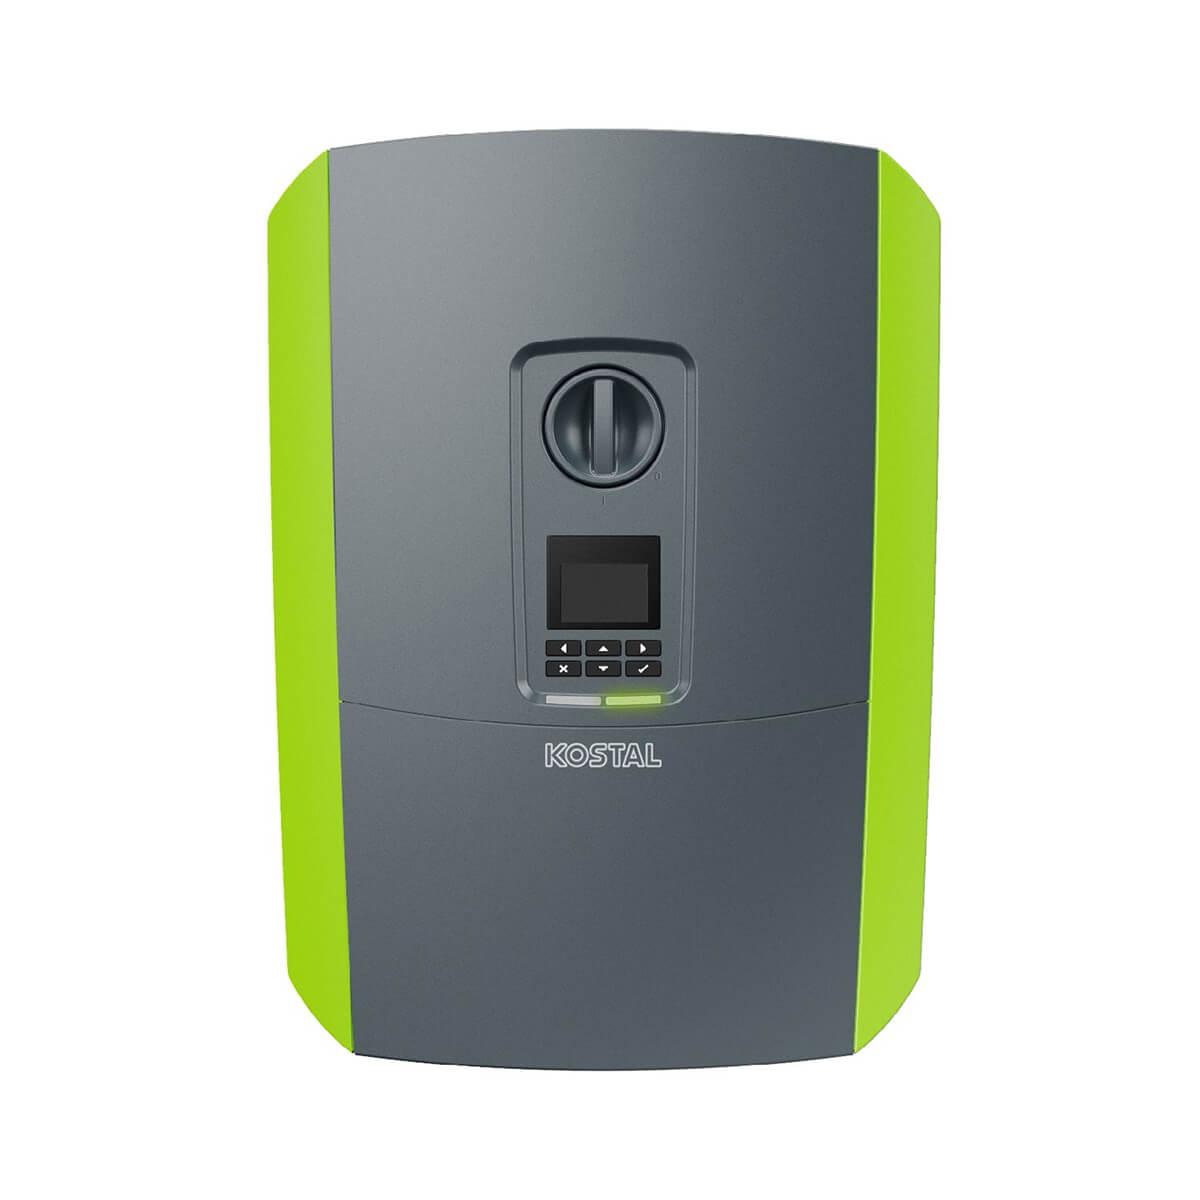 kostal 10kW inverter, kostal piko 10kW inverter, kostal piko iq 10 inverter, kostal piko iq 10, kostal piko 10 kW, KOSTAL 10 KW